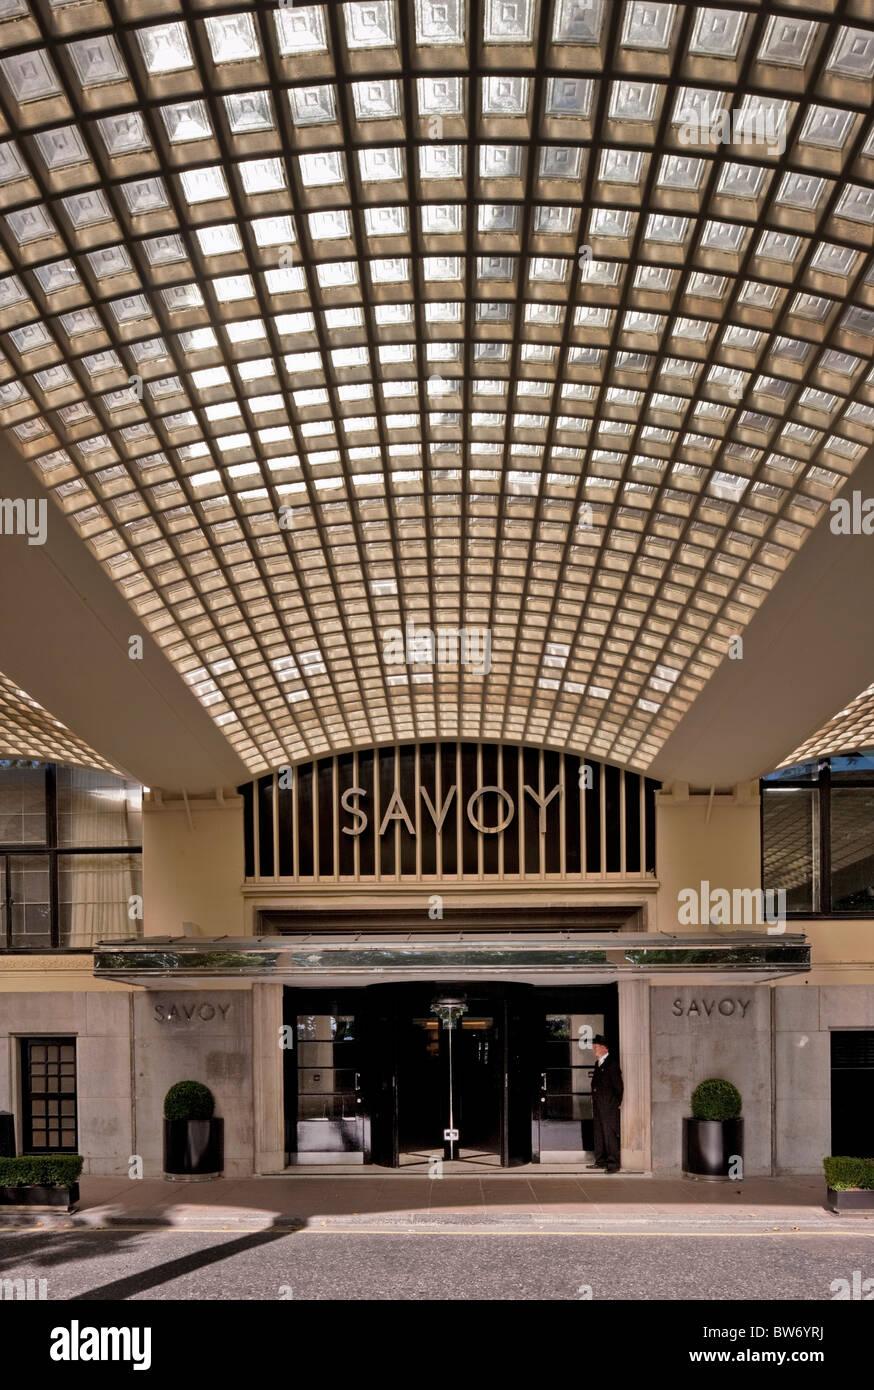 Riverside Eingang in das renovierte Savoy Hotel in London - wurde im Oktober 2010 wiedereröffnet. Stockbild